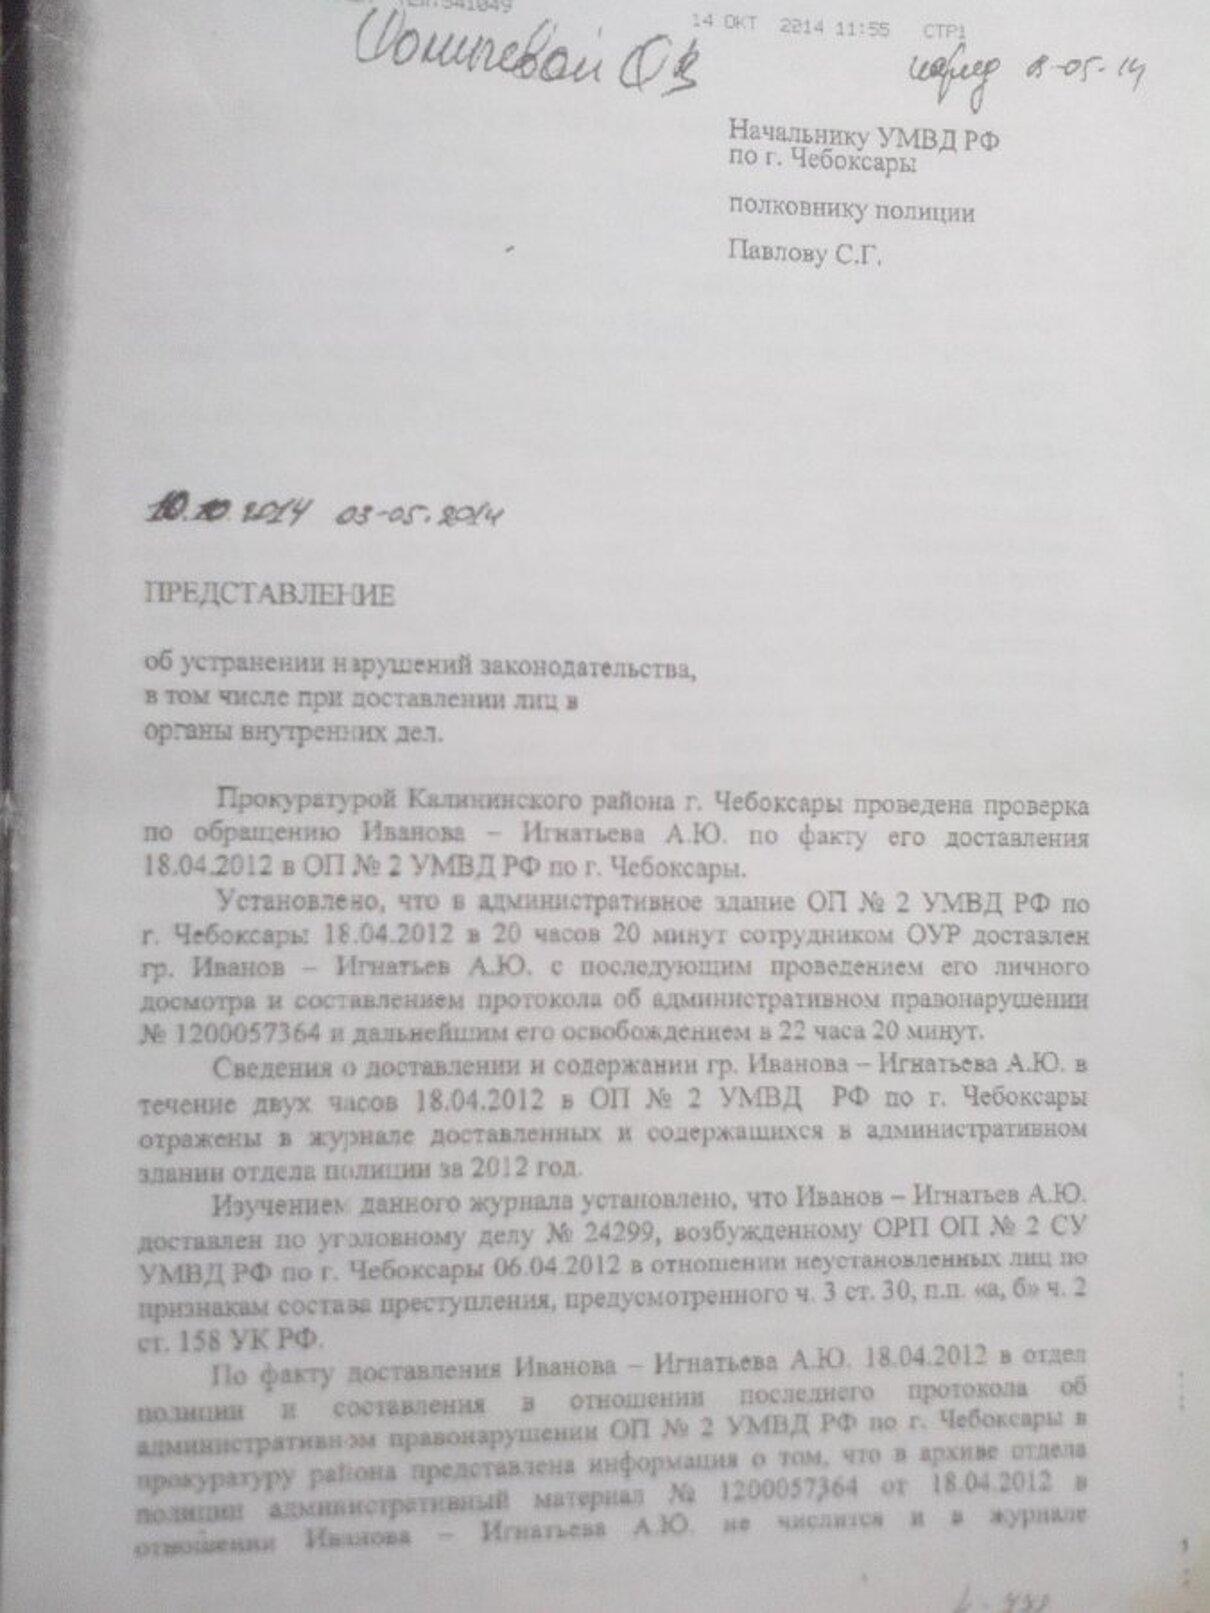 Жалоба-отзыв: Якимаха Наталья Михайловна - Якимаха Наталья Михайловна.  Фото №1